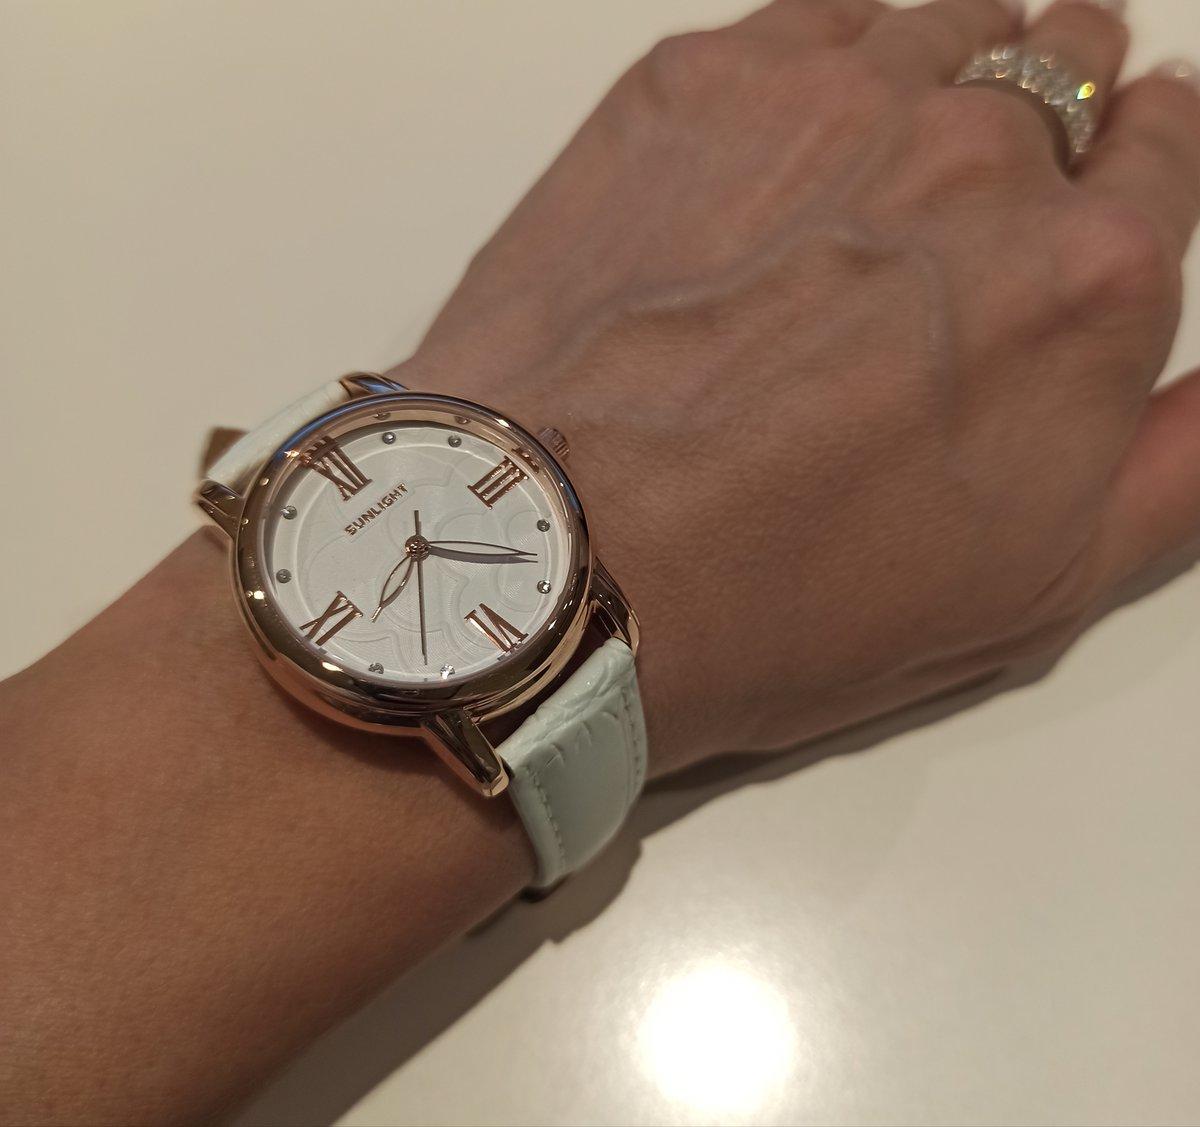 Обожаю белый цвет, поэтому у меня обязательно должны быть подобные часики).